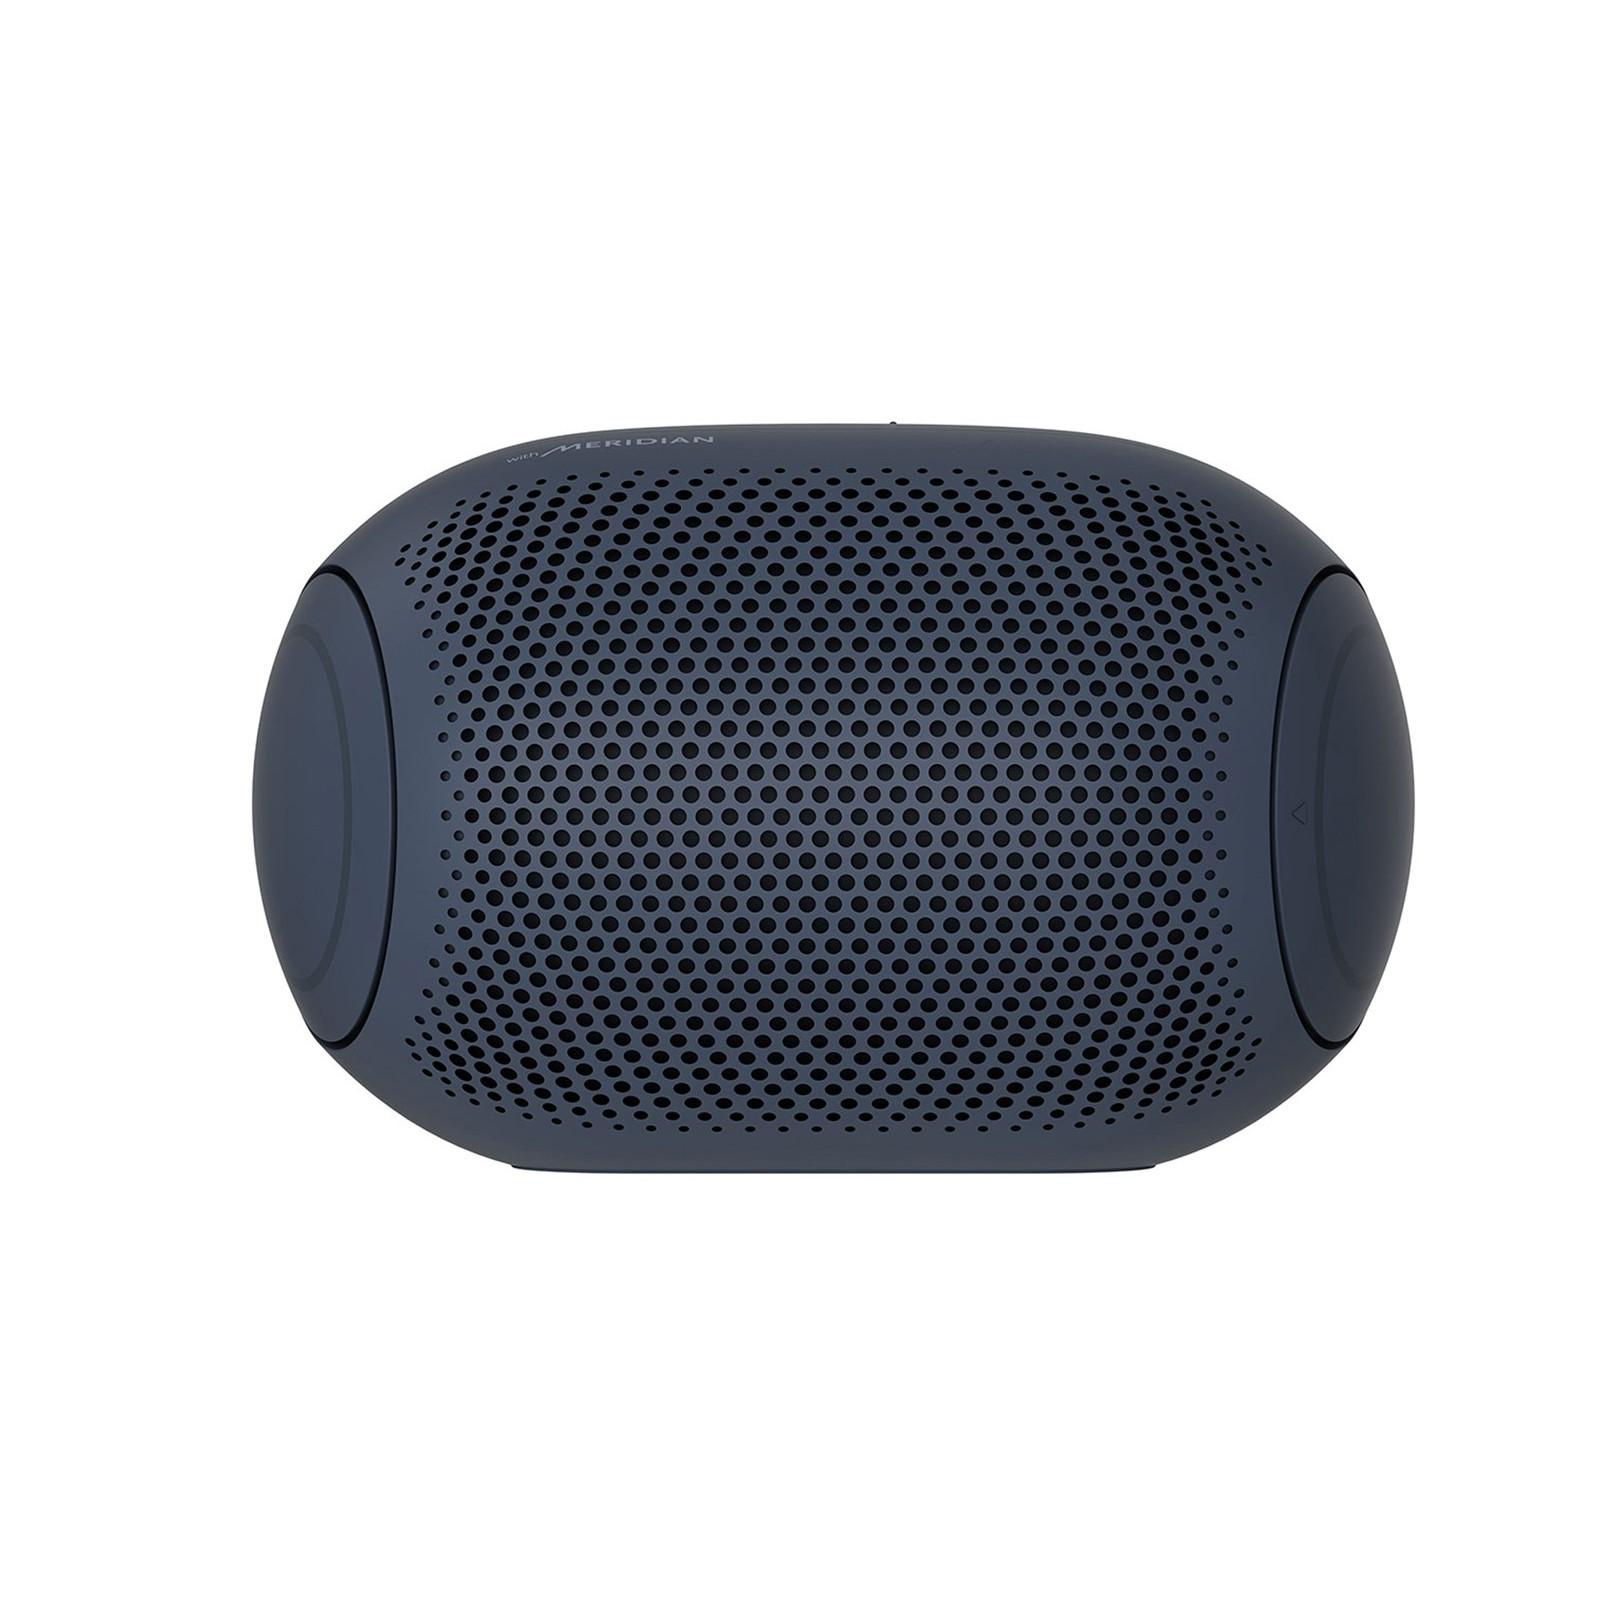 Loa di động Bluetooth LG XBOOMGO PL2 - Hàng Chính Hãng